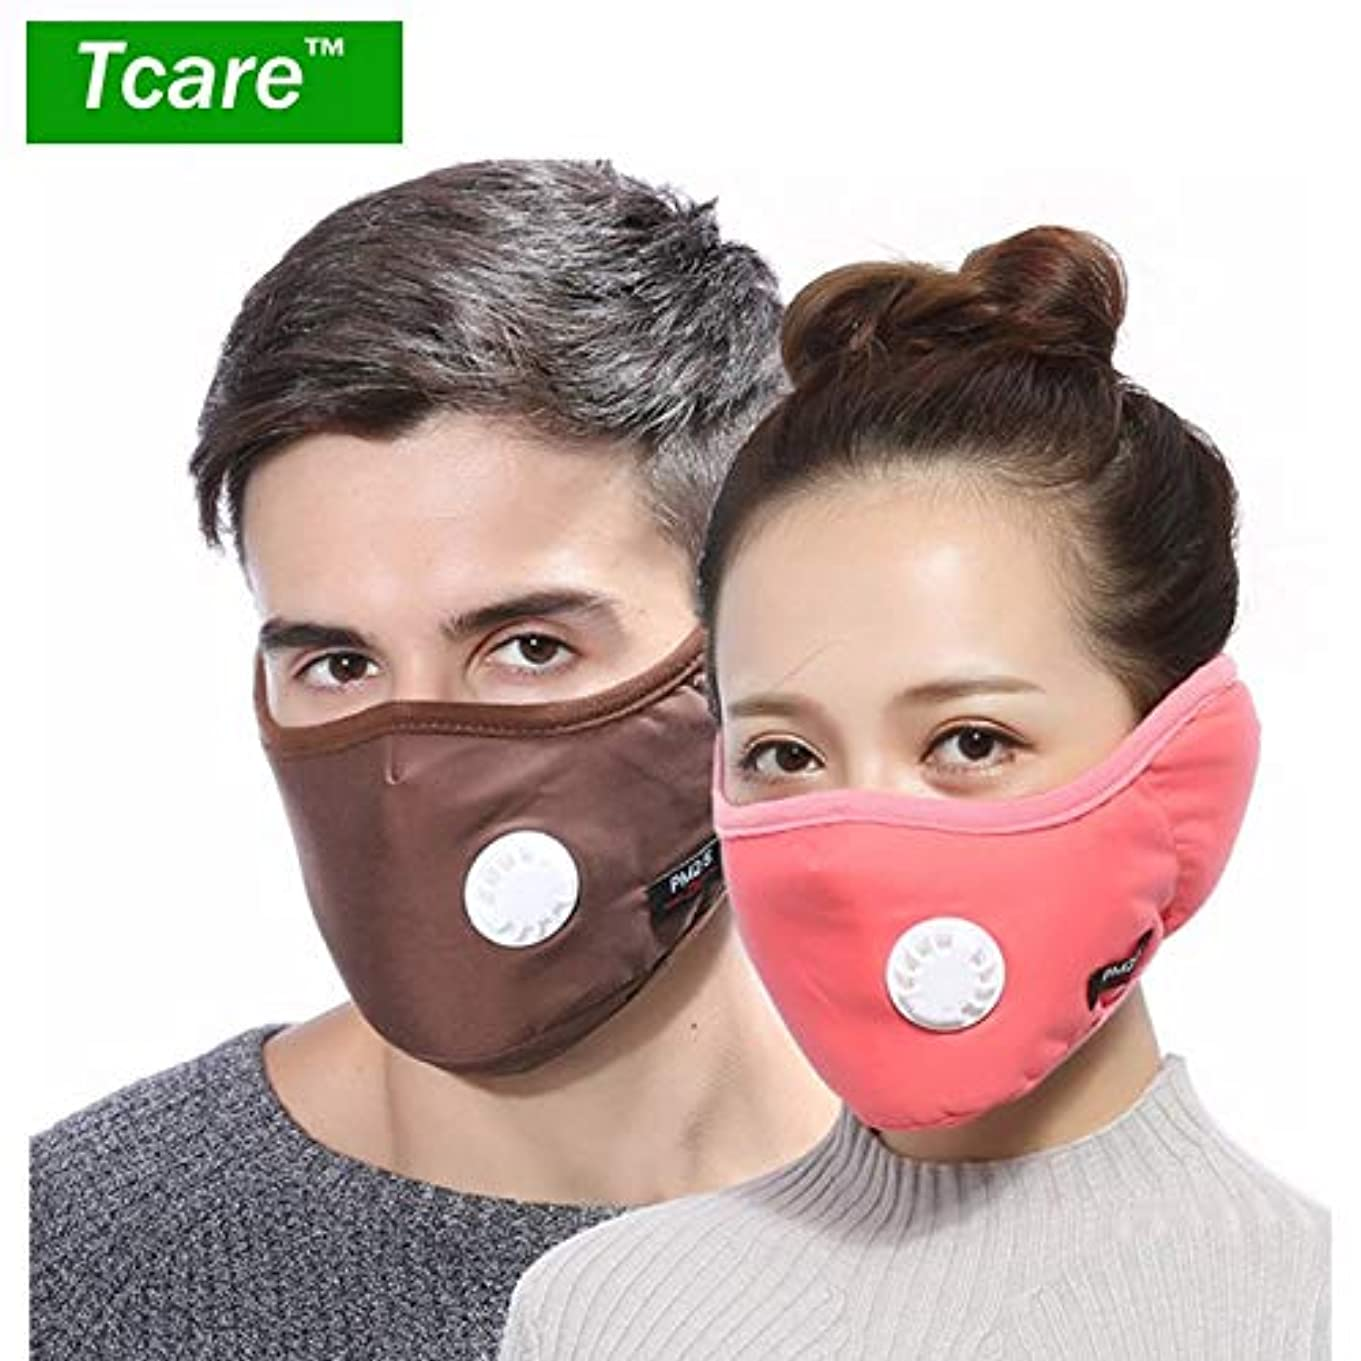 前文ご覧くださいハードリング7グレー:1 PM2.5マスクバルブコットンアンチダスト口マスクの冬のイヤーマフActtedフィルター付マスクでTcare 2